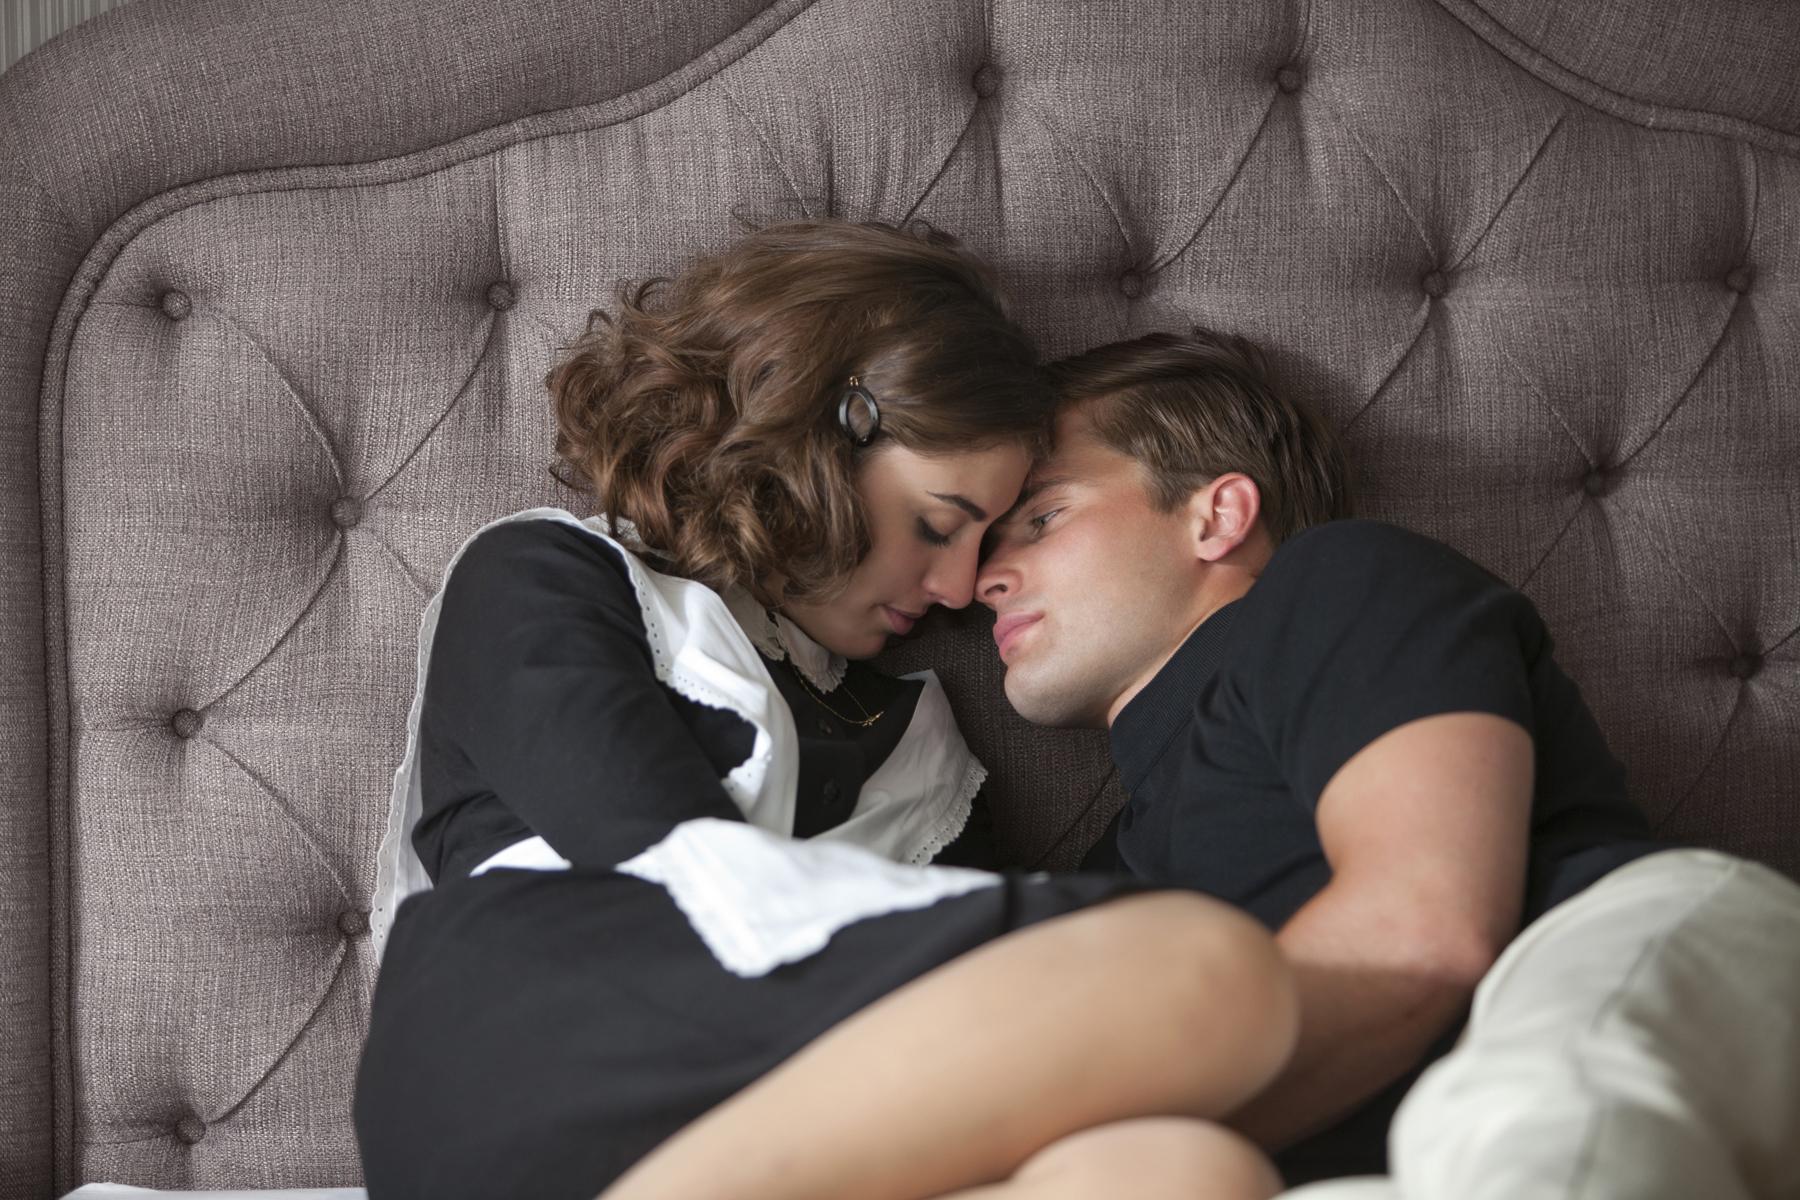 Смотрит секс бесплатно целка, Целки Порно и Секс Видео Смотреть Онлайн Бесплатно 7 фотография